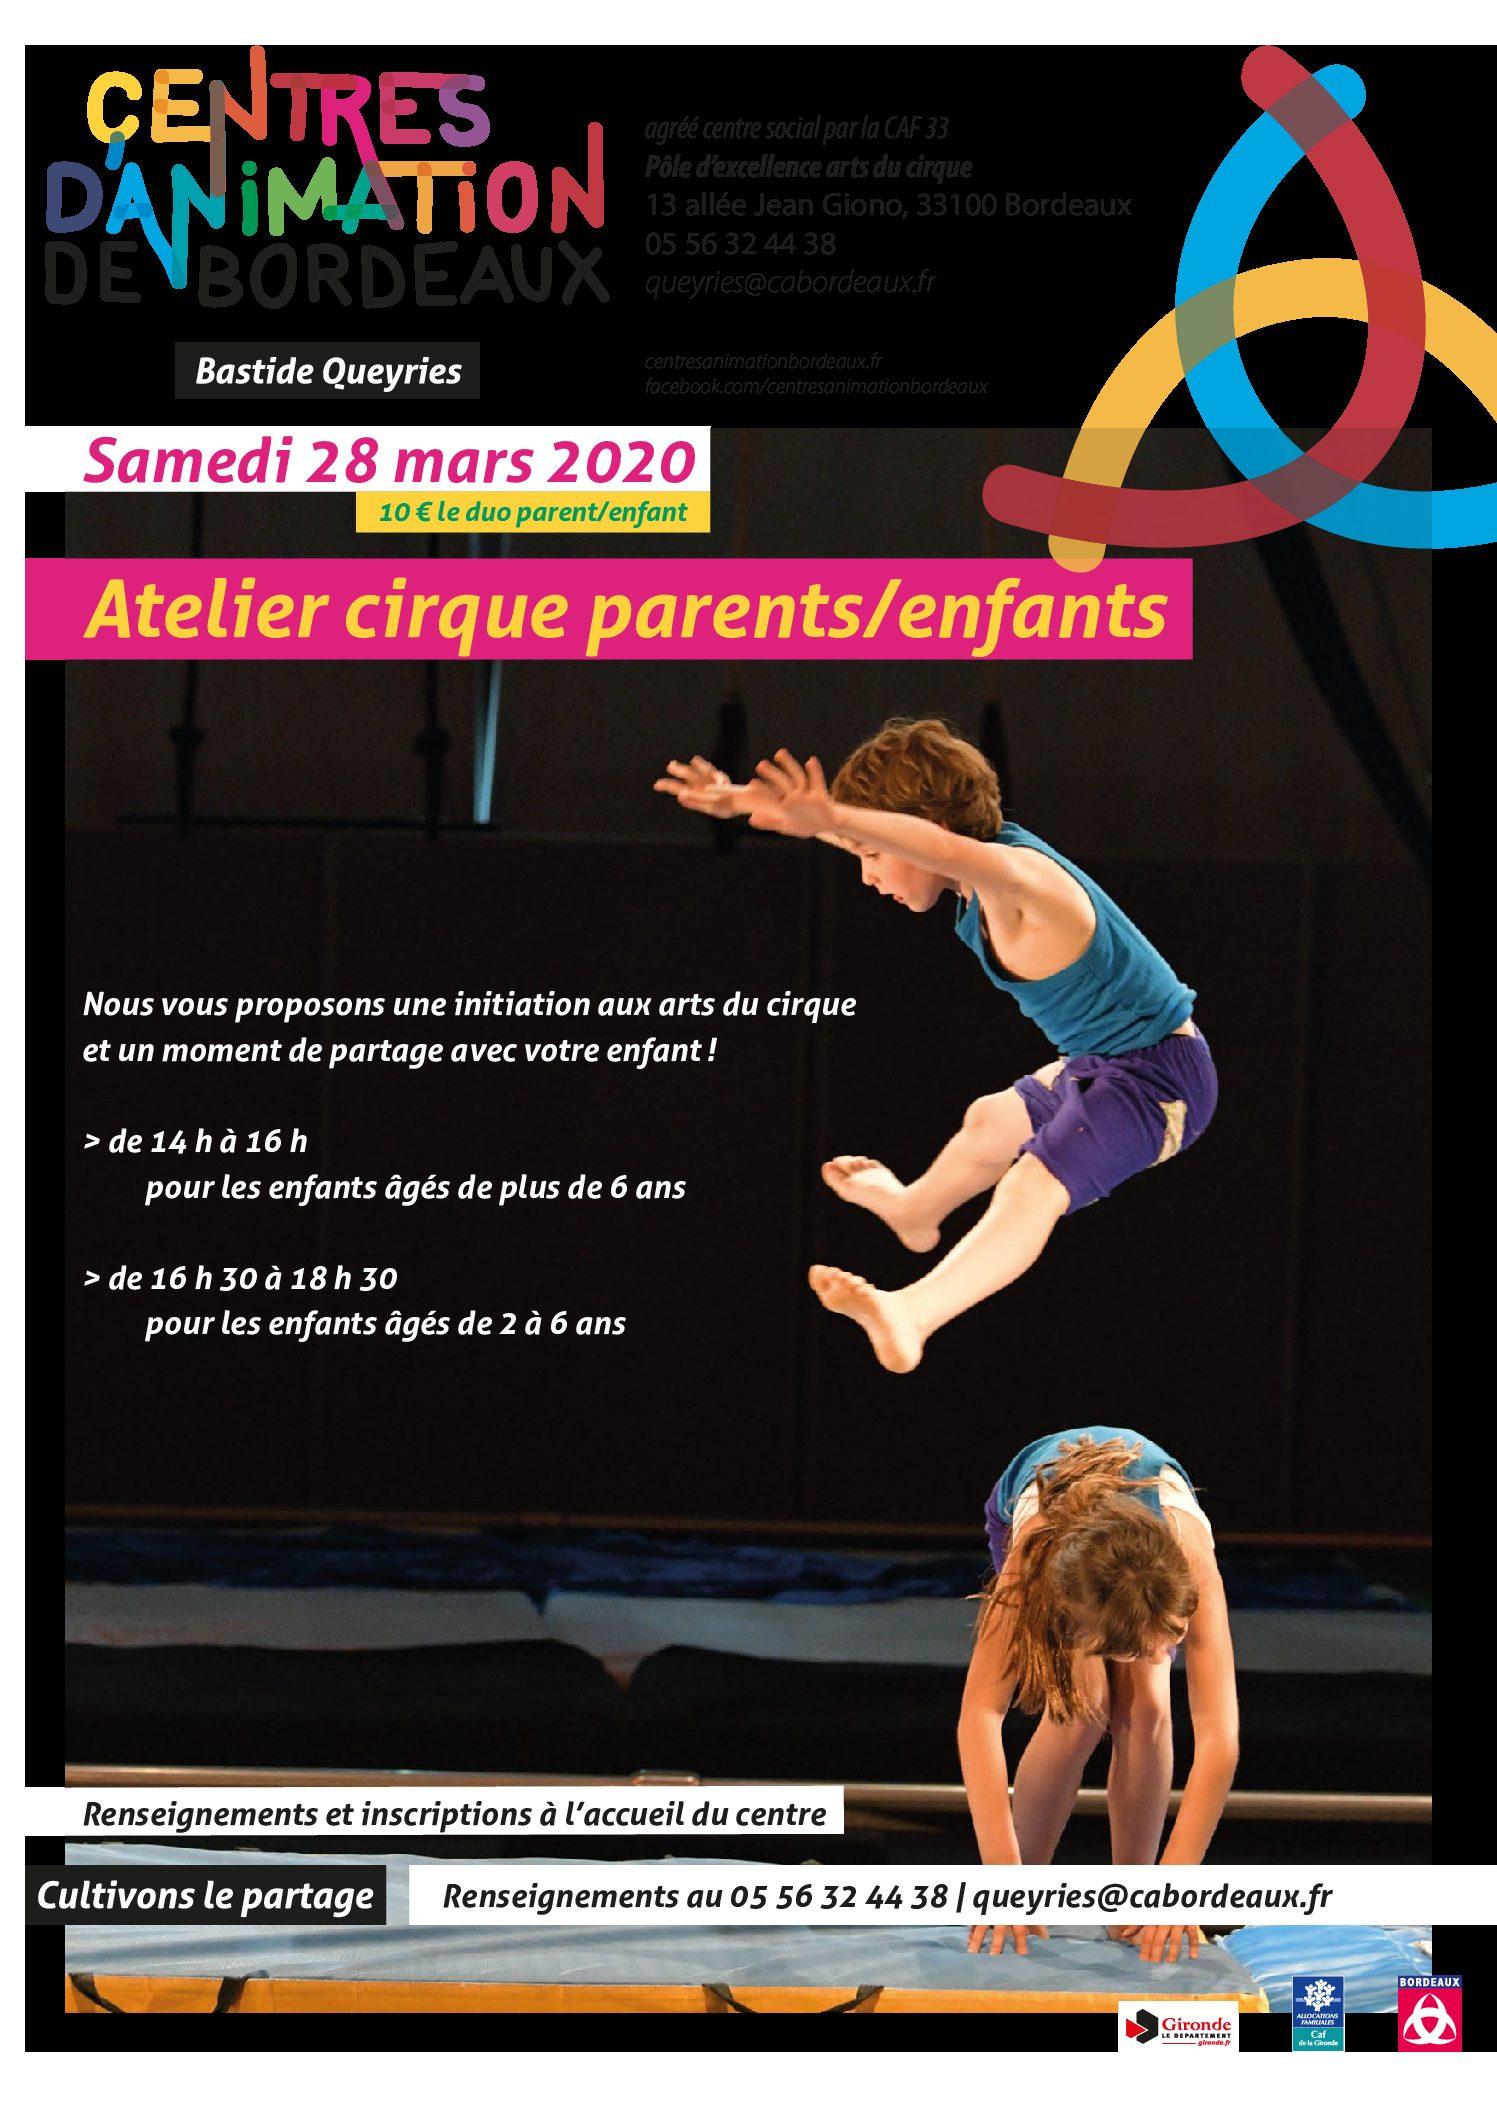 Adultes & Familles - Ateliers Cirque Parents Enfants - 280320